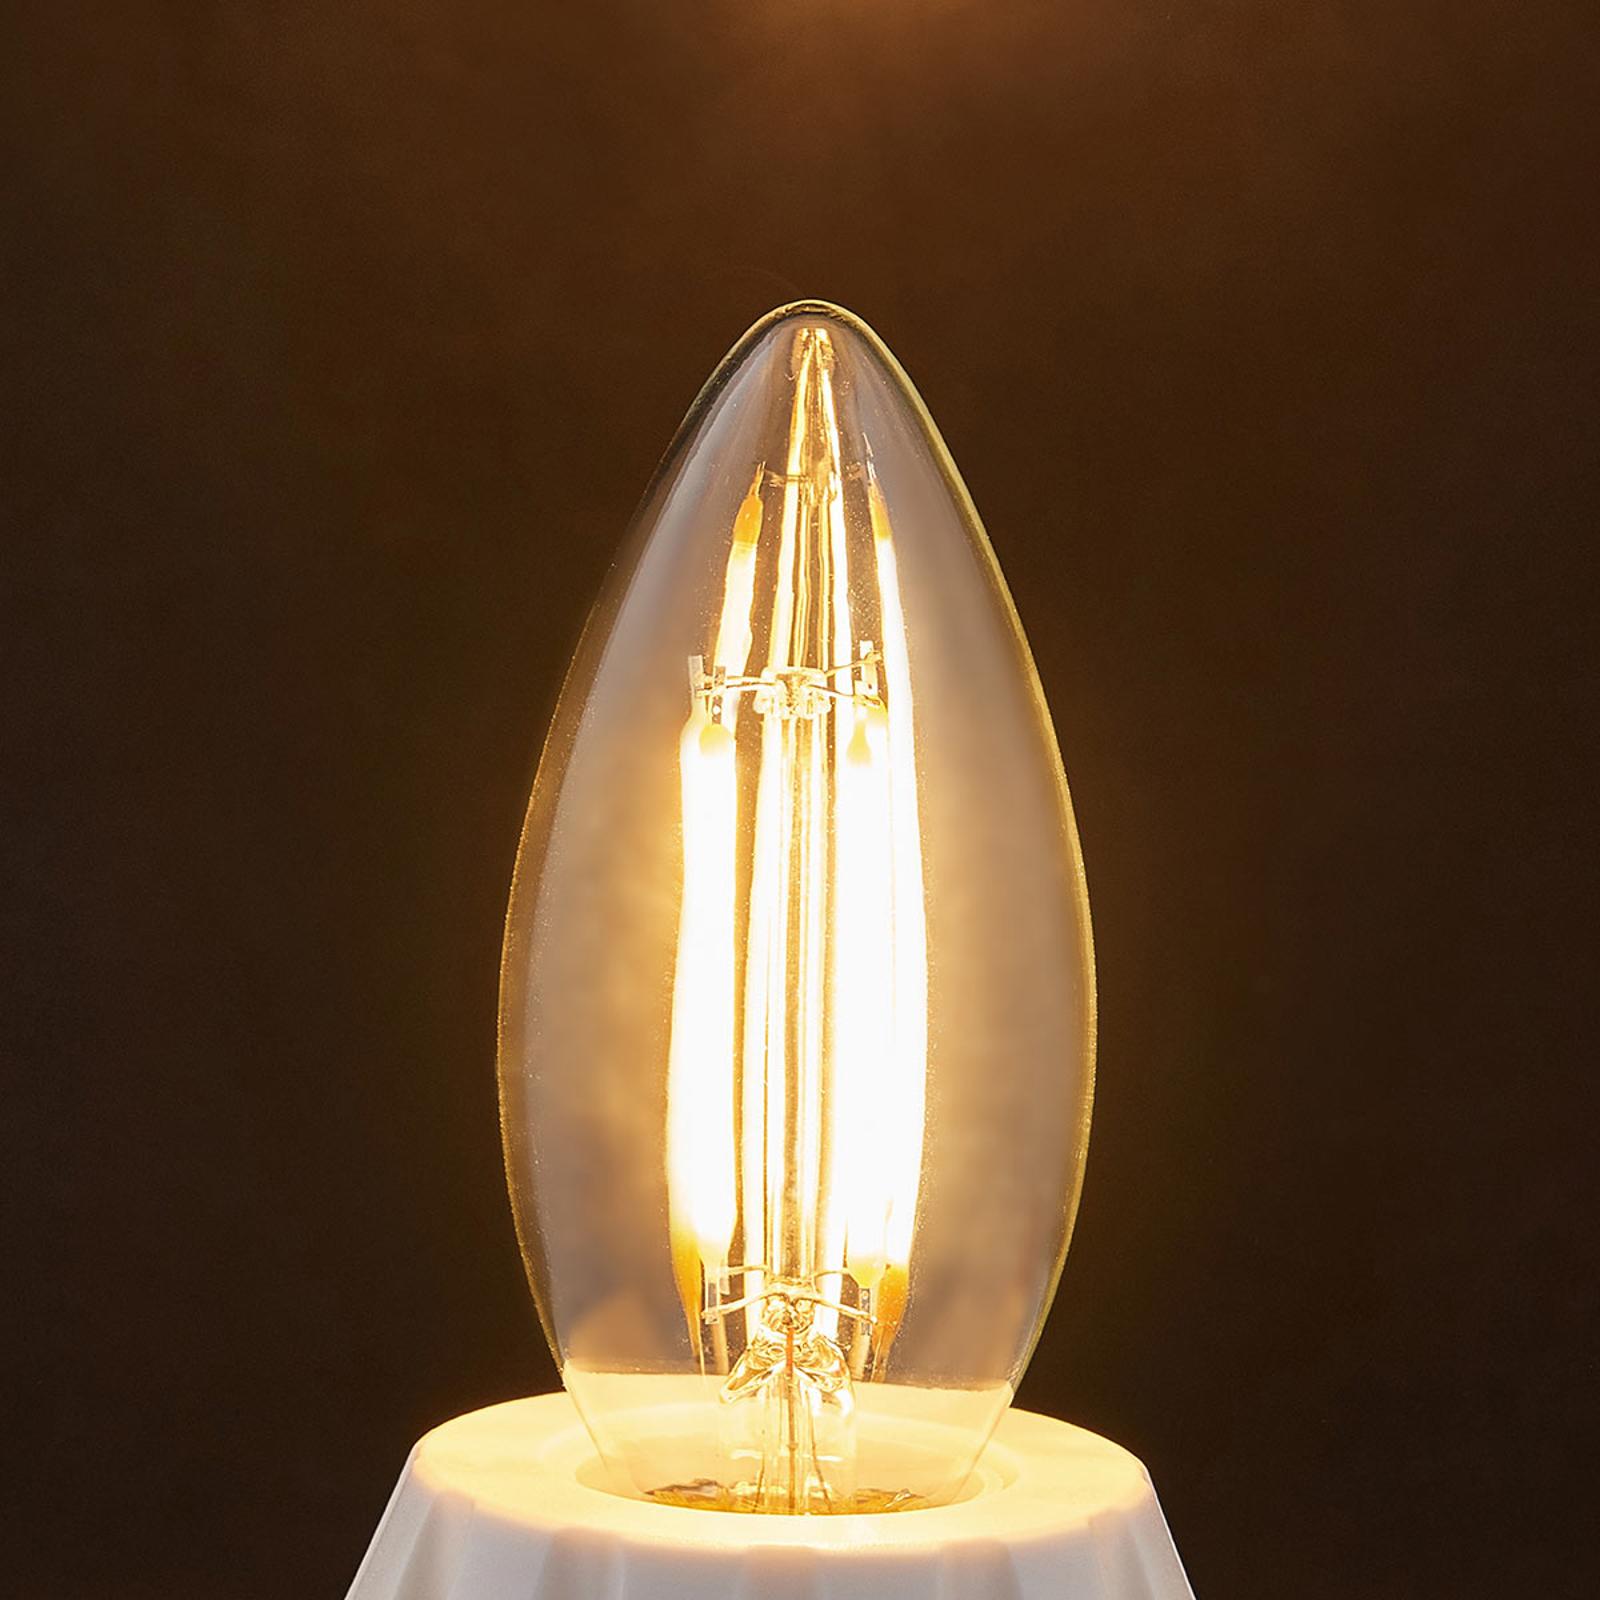 E14 LED kaarslamp gloeidraad 4W, 470Lm, 2.700 K